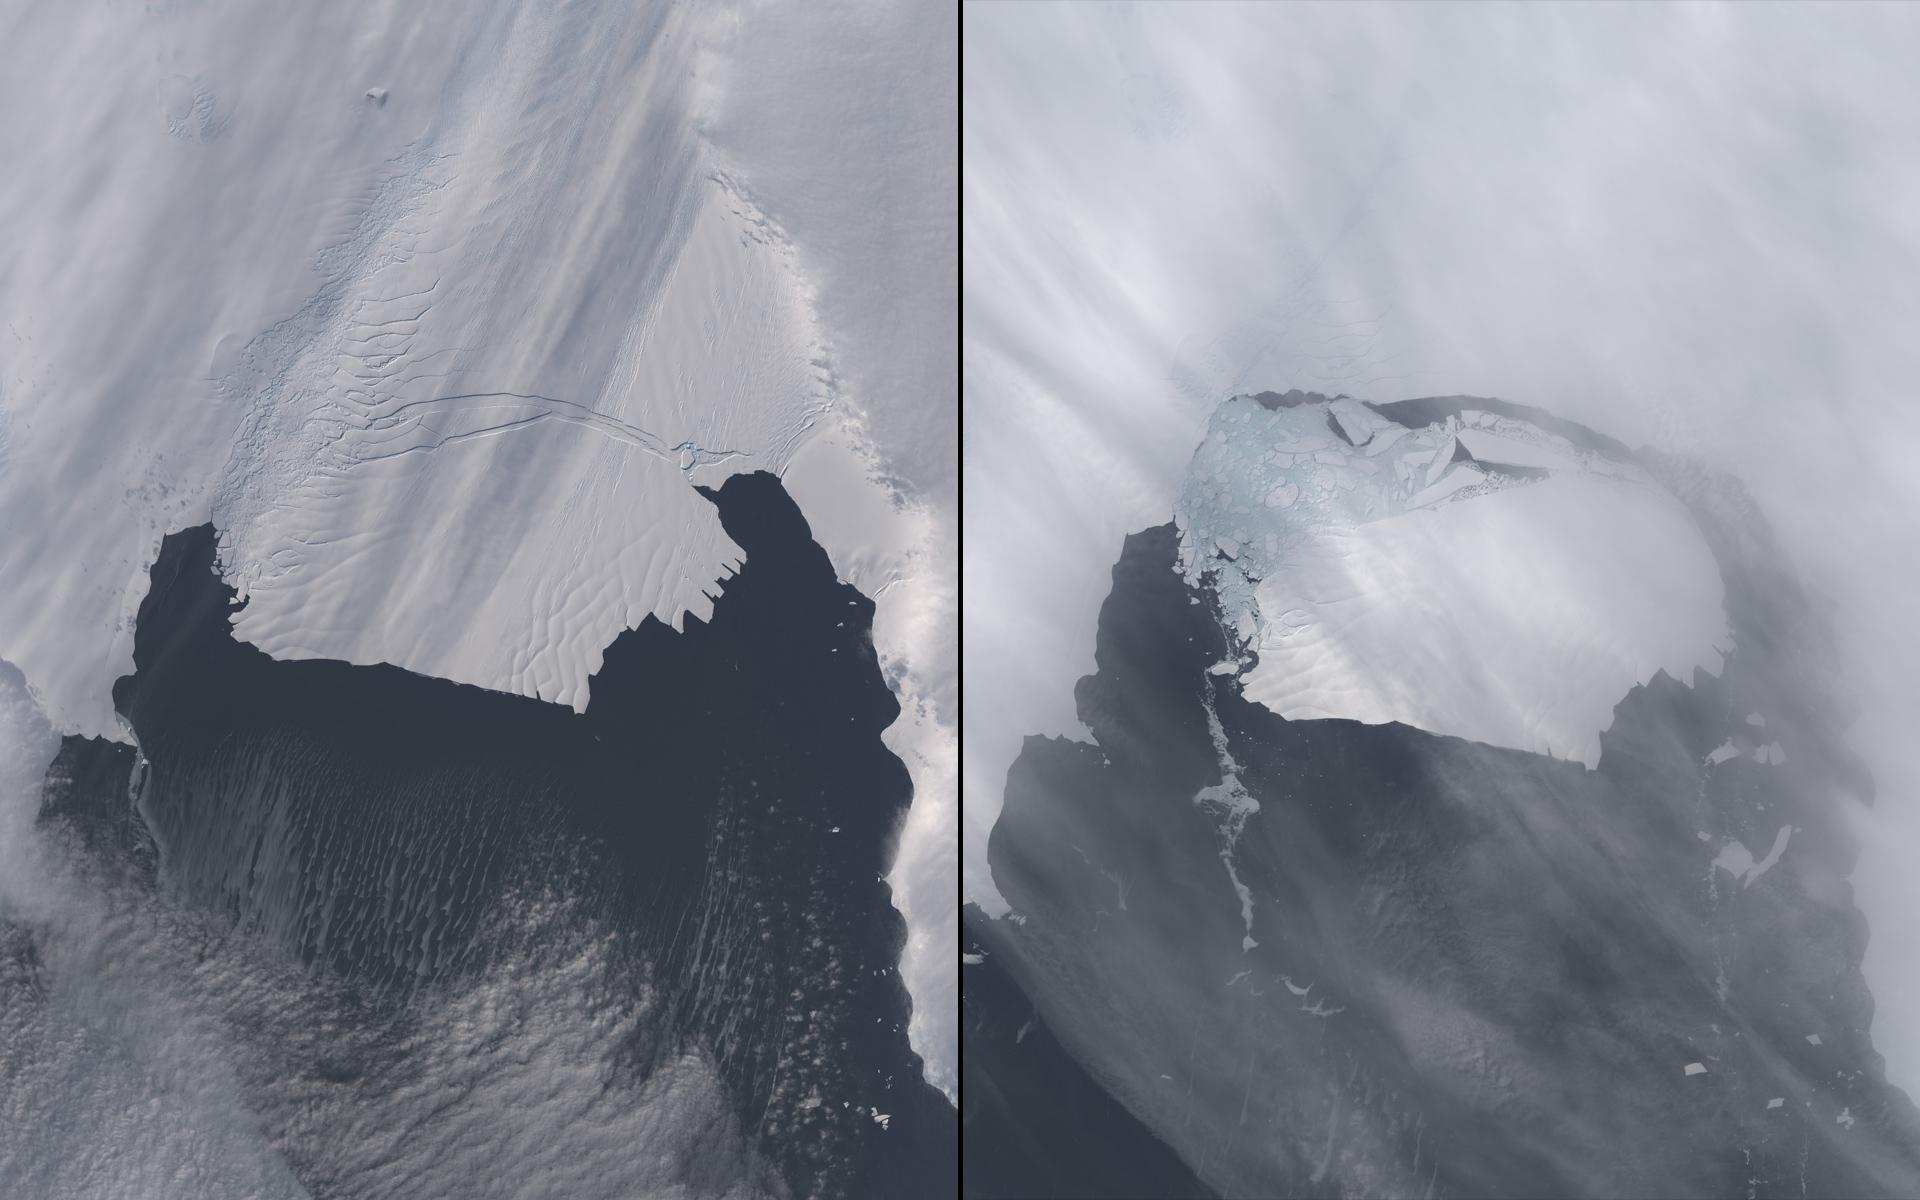 Pine Island Glacier Calving, Antarctica